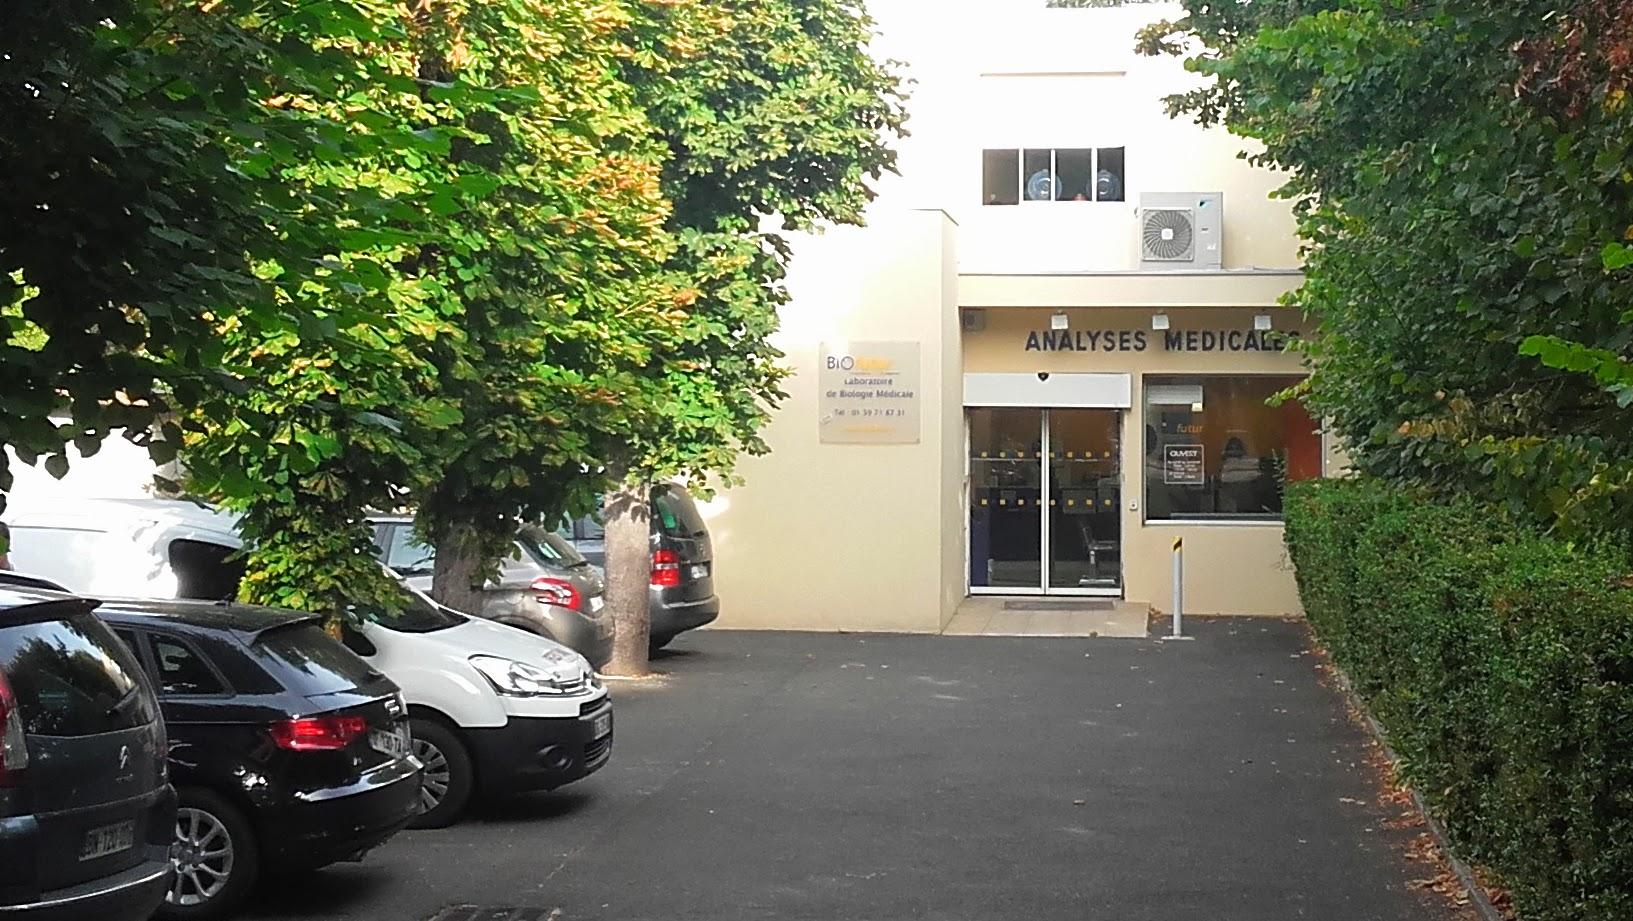 Le laboratoire d'analyse médicales de Vernouillet